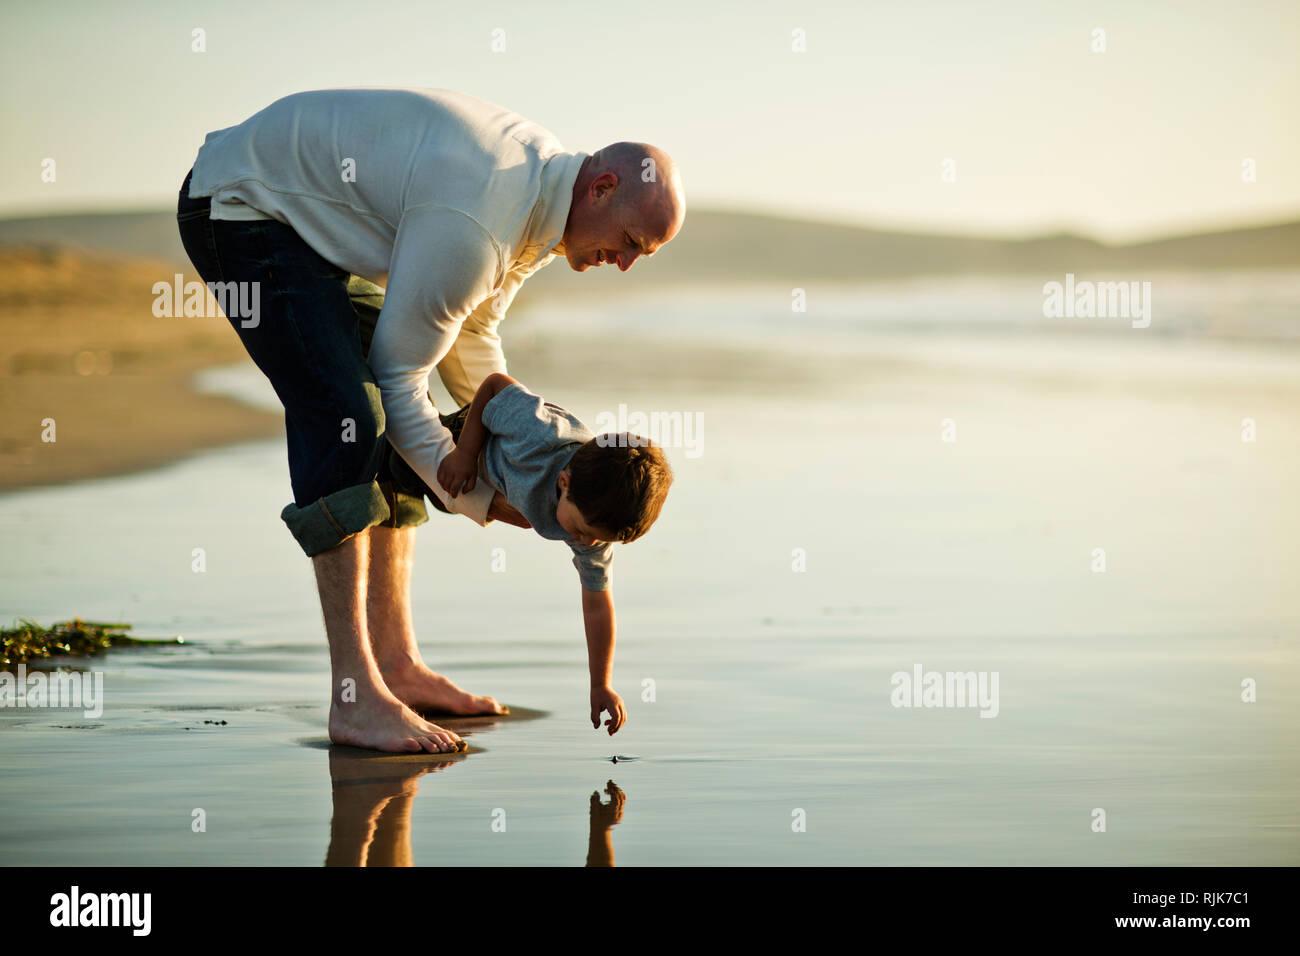 Padre sostiene a su hijo mientras él alcanza para algo interesante que ha visto en la arena de la playa. Imagen De Stock